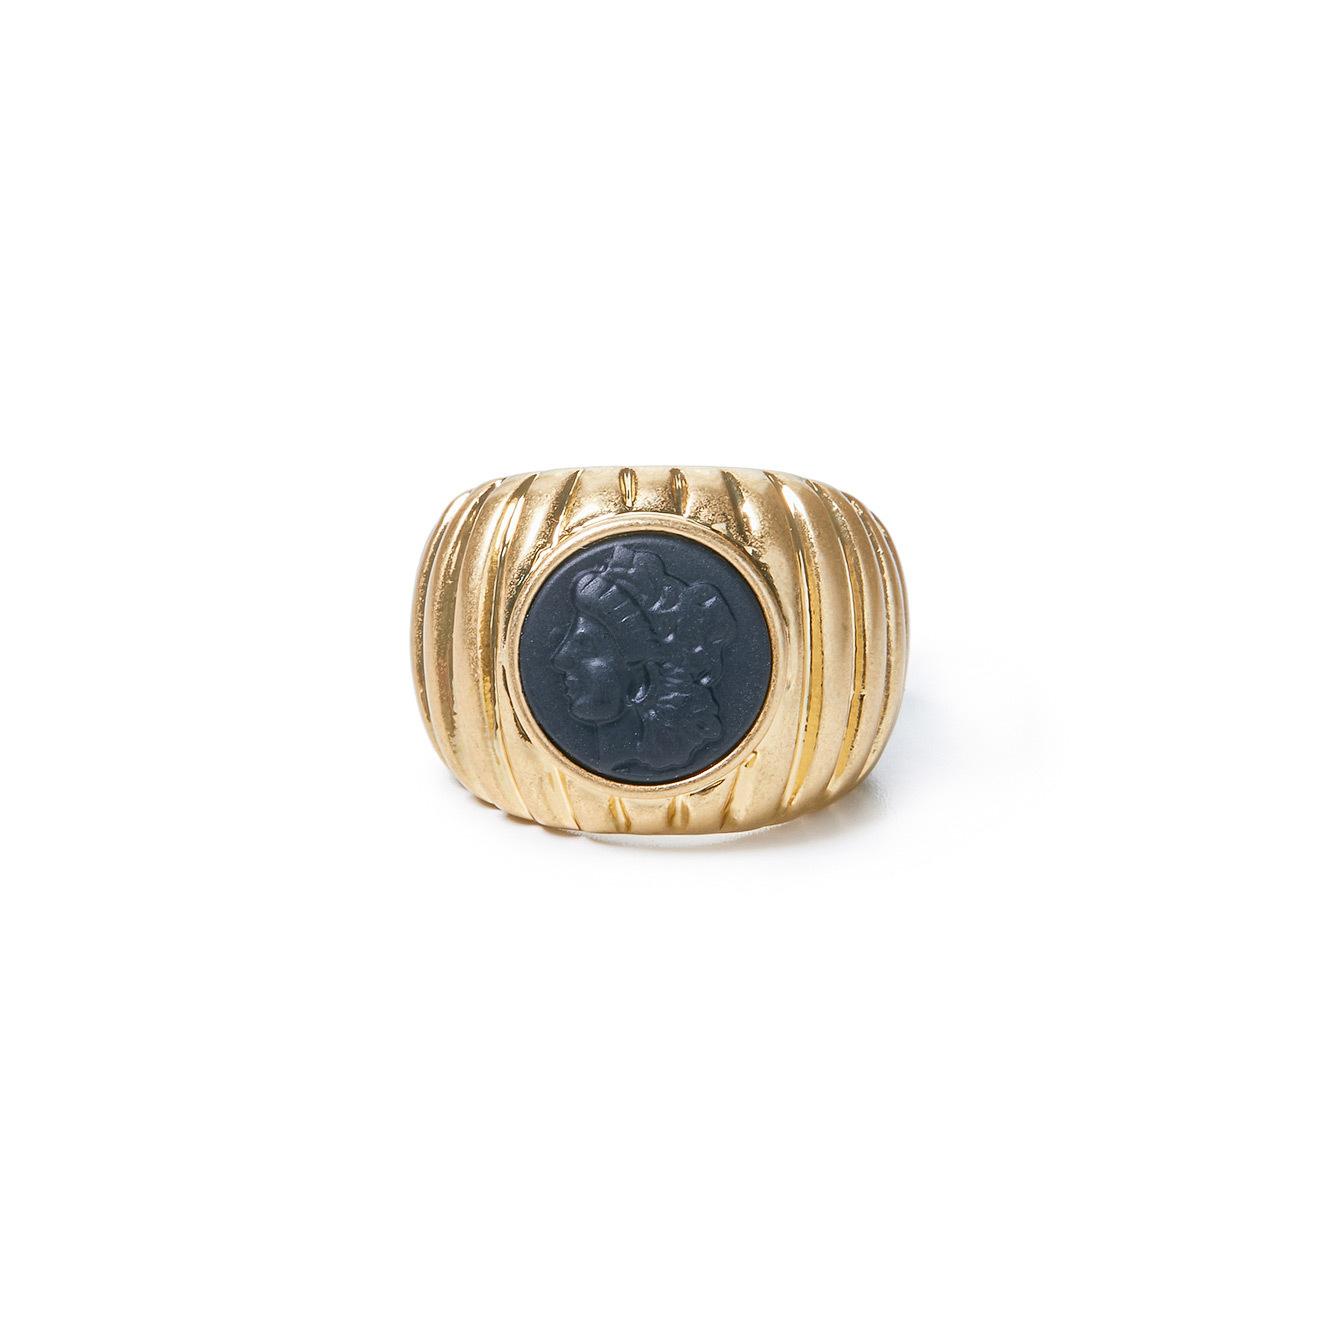 Herald Percy Золотистое кольцо-печатка с чёрной вставкой